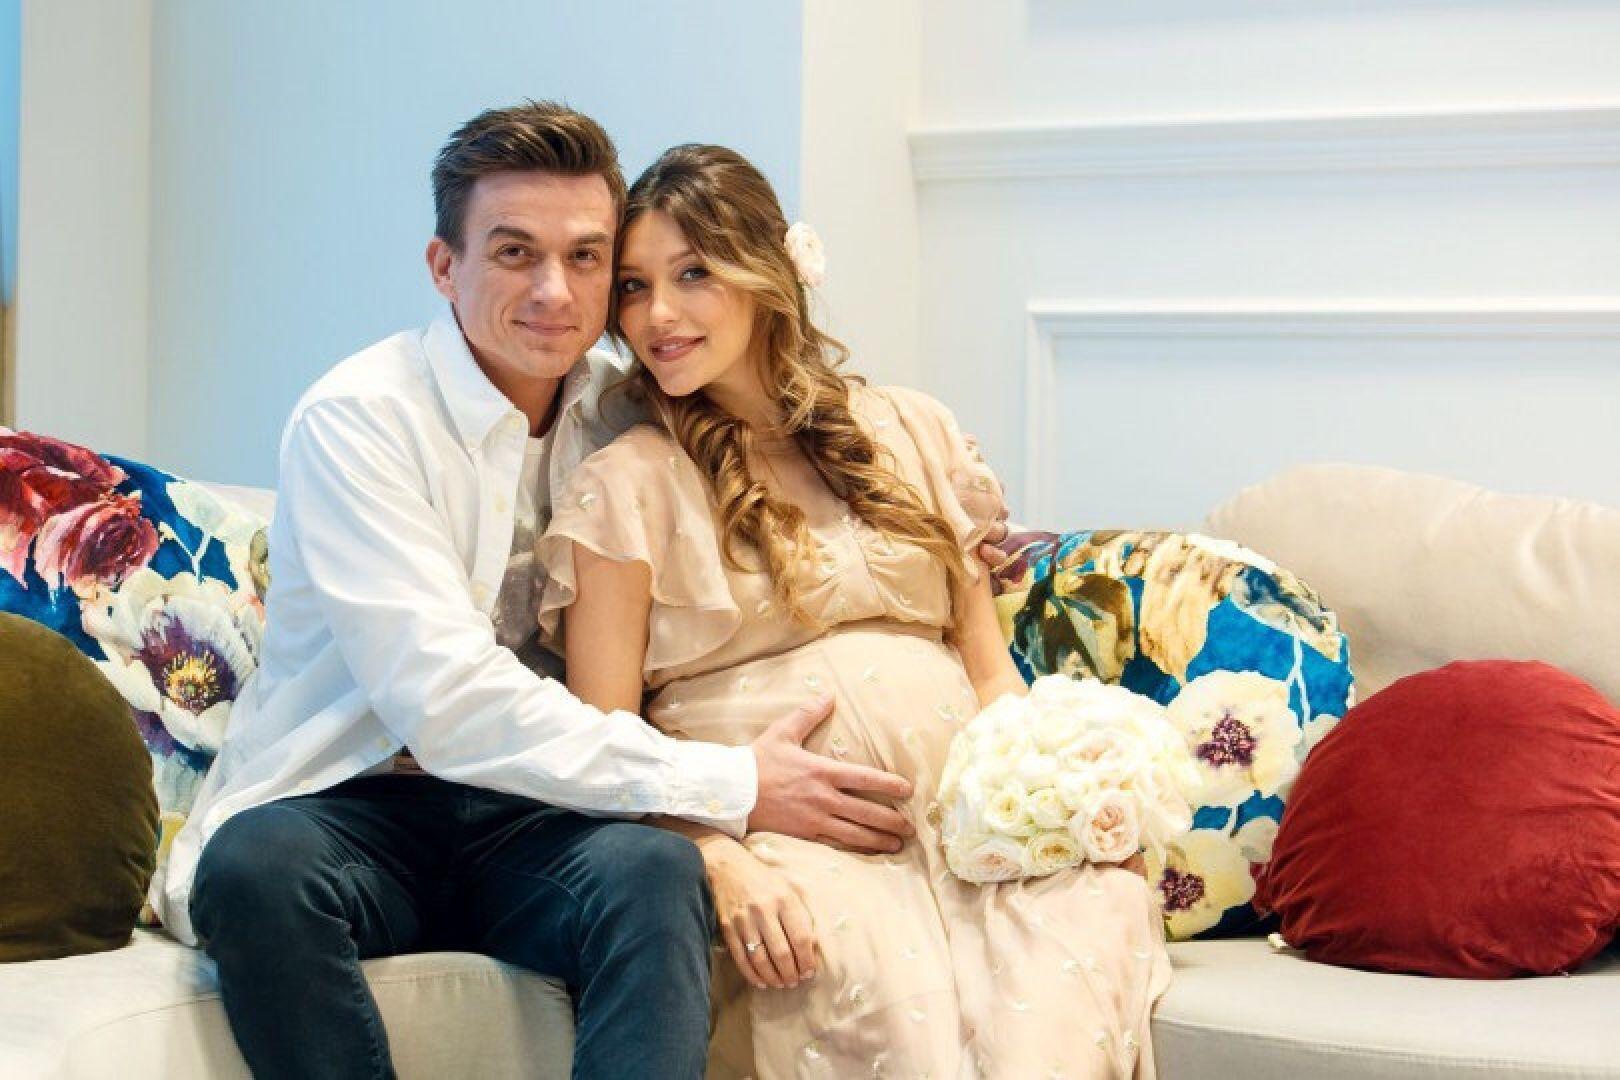 Регина Тодоренко рассказала о проблемах с мужем после рождения ребенка